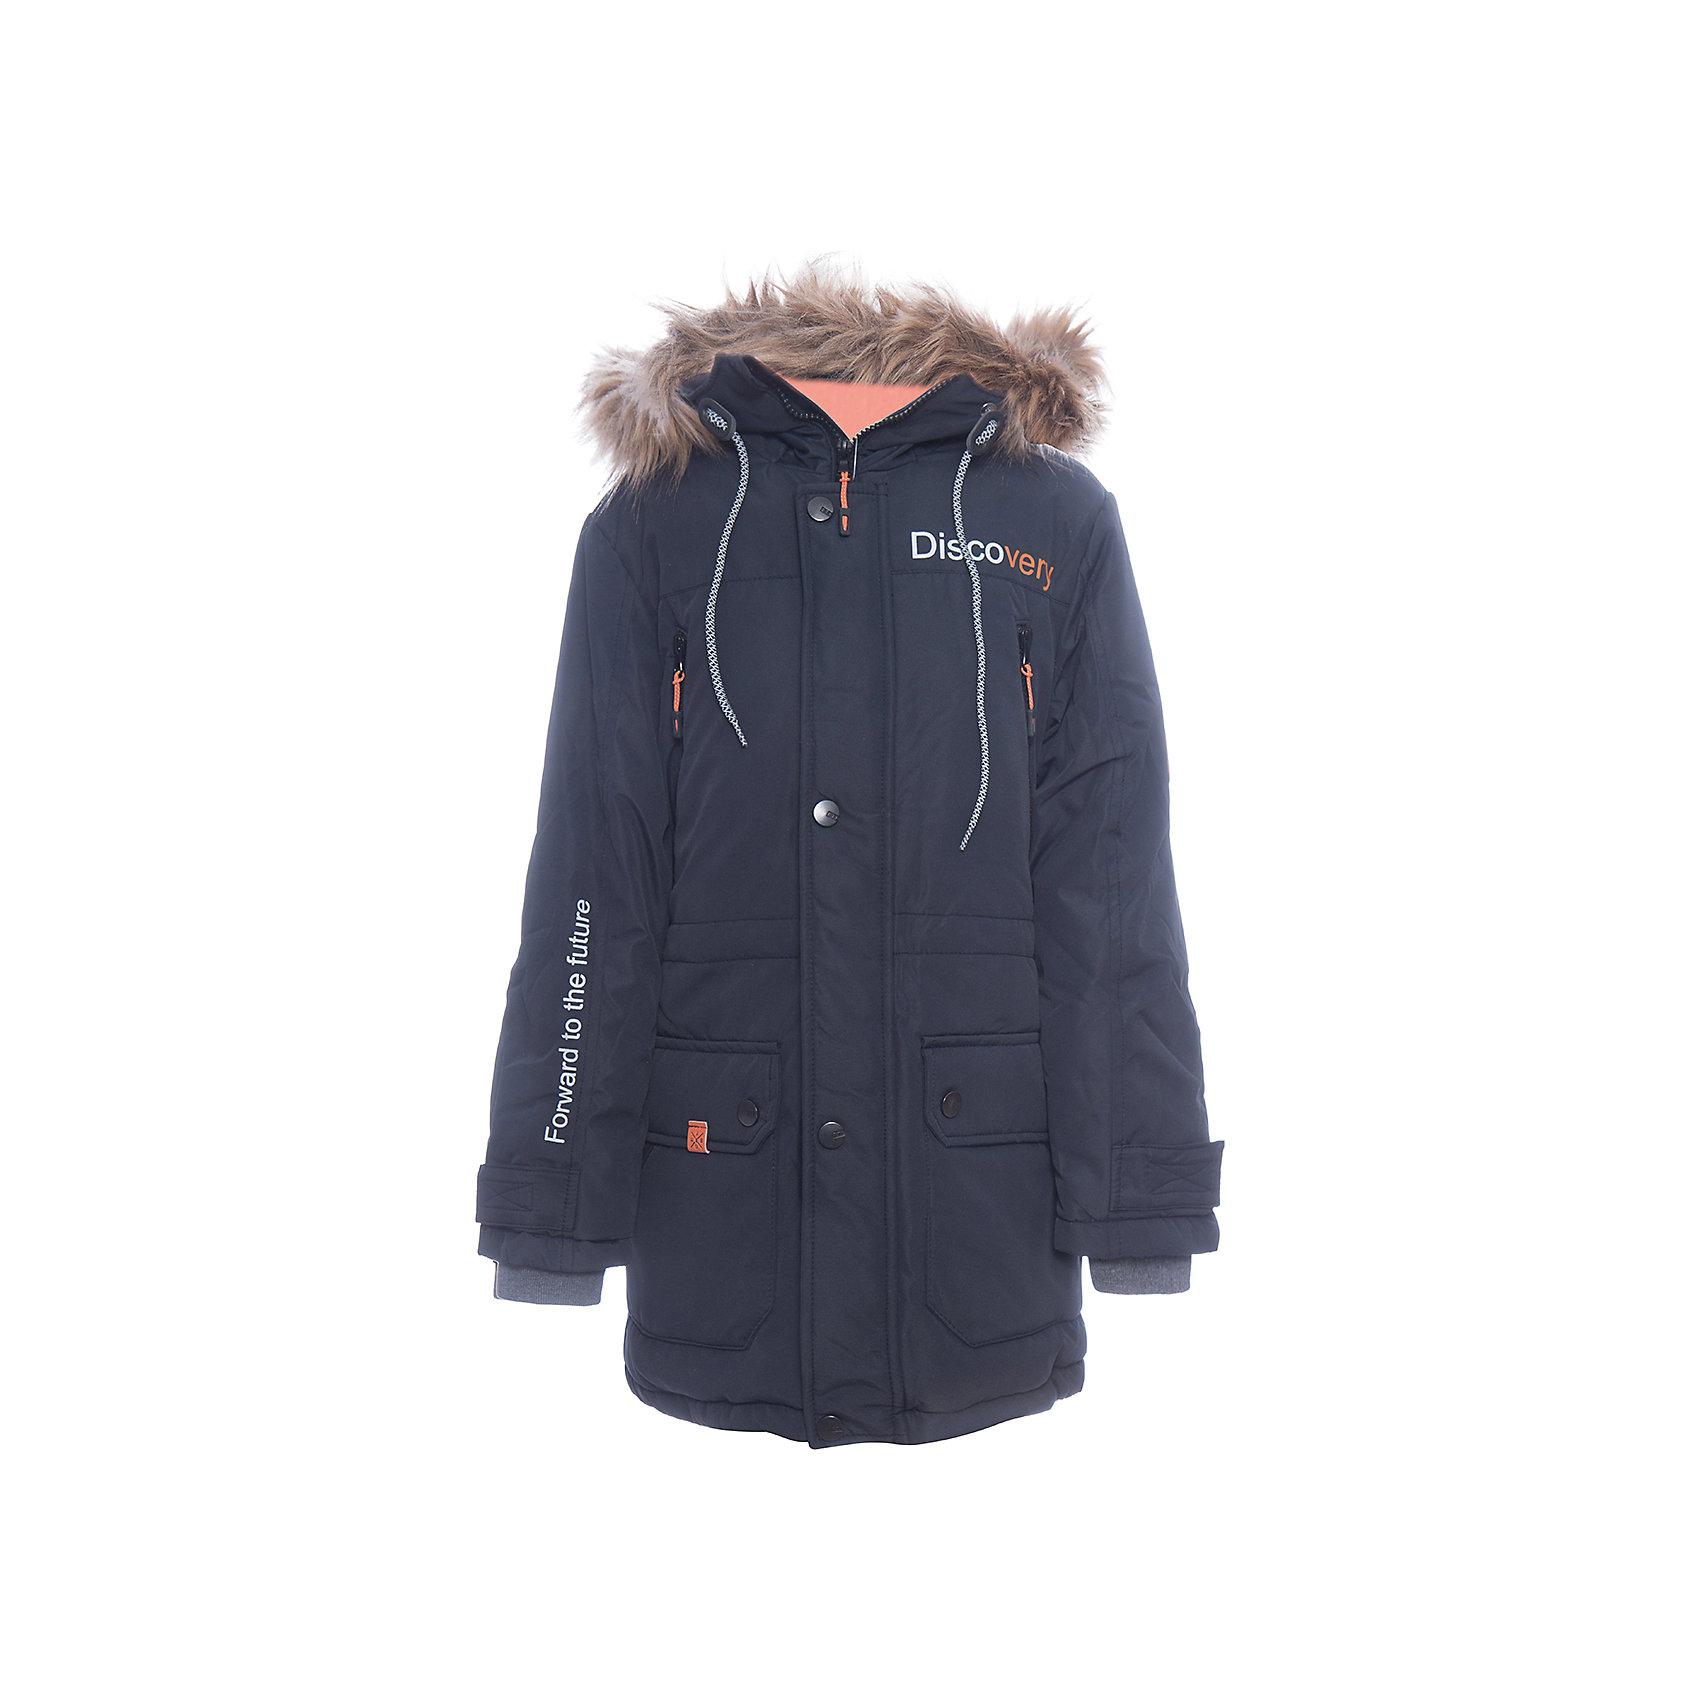 Куртка Томас Batik для мальчикаВерхняя одежда<br>Характеристики товара:<br><br>• цвет: синий<br>• состав ткани: таслан<br>• подкладка: поларфлис<br>• утеплитель: слайтекс<br>• сезон: зима<br>• мембранное покрытие<br>• температурный режим: от -35 до 0<br>• водонепроницаемость: 5000 мм <br>• паропроницаемость: 5000 г/м2<br>• плотность утеплителя: 300 г/м2<br>• застежка: молния<br>• капюшон: с мехом, съемный<br>• страна бренда: Россия<br>• страна изготовитель: Россия<br><br>Синяя куртка для мальчика благодаря высокотехнологичному покрытию подходит для ношения в сильные морозы. Детская куртка от бренда Batik отличается удобным капюшоном и карманами. Мембранная зимняя куртка стильная и теплая. Прочное покрытие детской куртки не задерживает воздух, но защищает от влаги, ветра и холода. <br><br>Куртку Томас Batik (Батик) для мальчика можно купить в нашем интернет-магазине.<br><br>Ширина мм: 356<br>Глубина мм: 10<br>Высота мм: 245<br>Вес г: 519<br>Цвет: синий<br>Возраст от месяцев: 156<br>Возраст до месяцев: 168<br>Пол: Мужской<br>Возраст: Детский<br>Размер: 164,134,140,146,152,158<br>SKU: 7028455